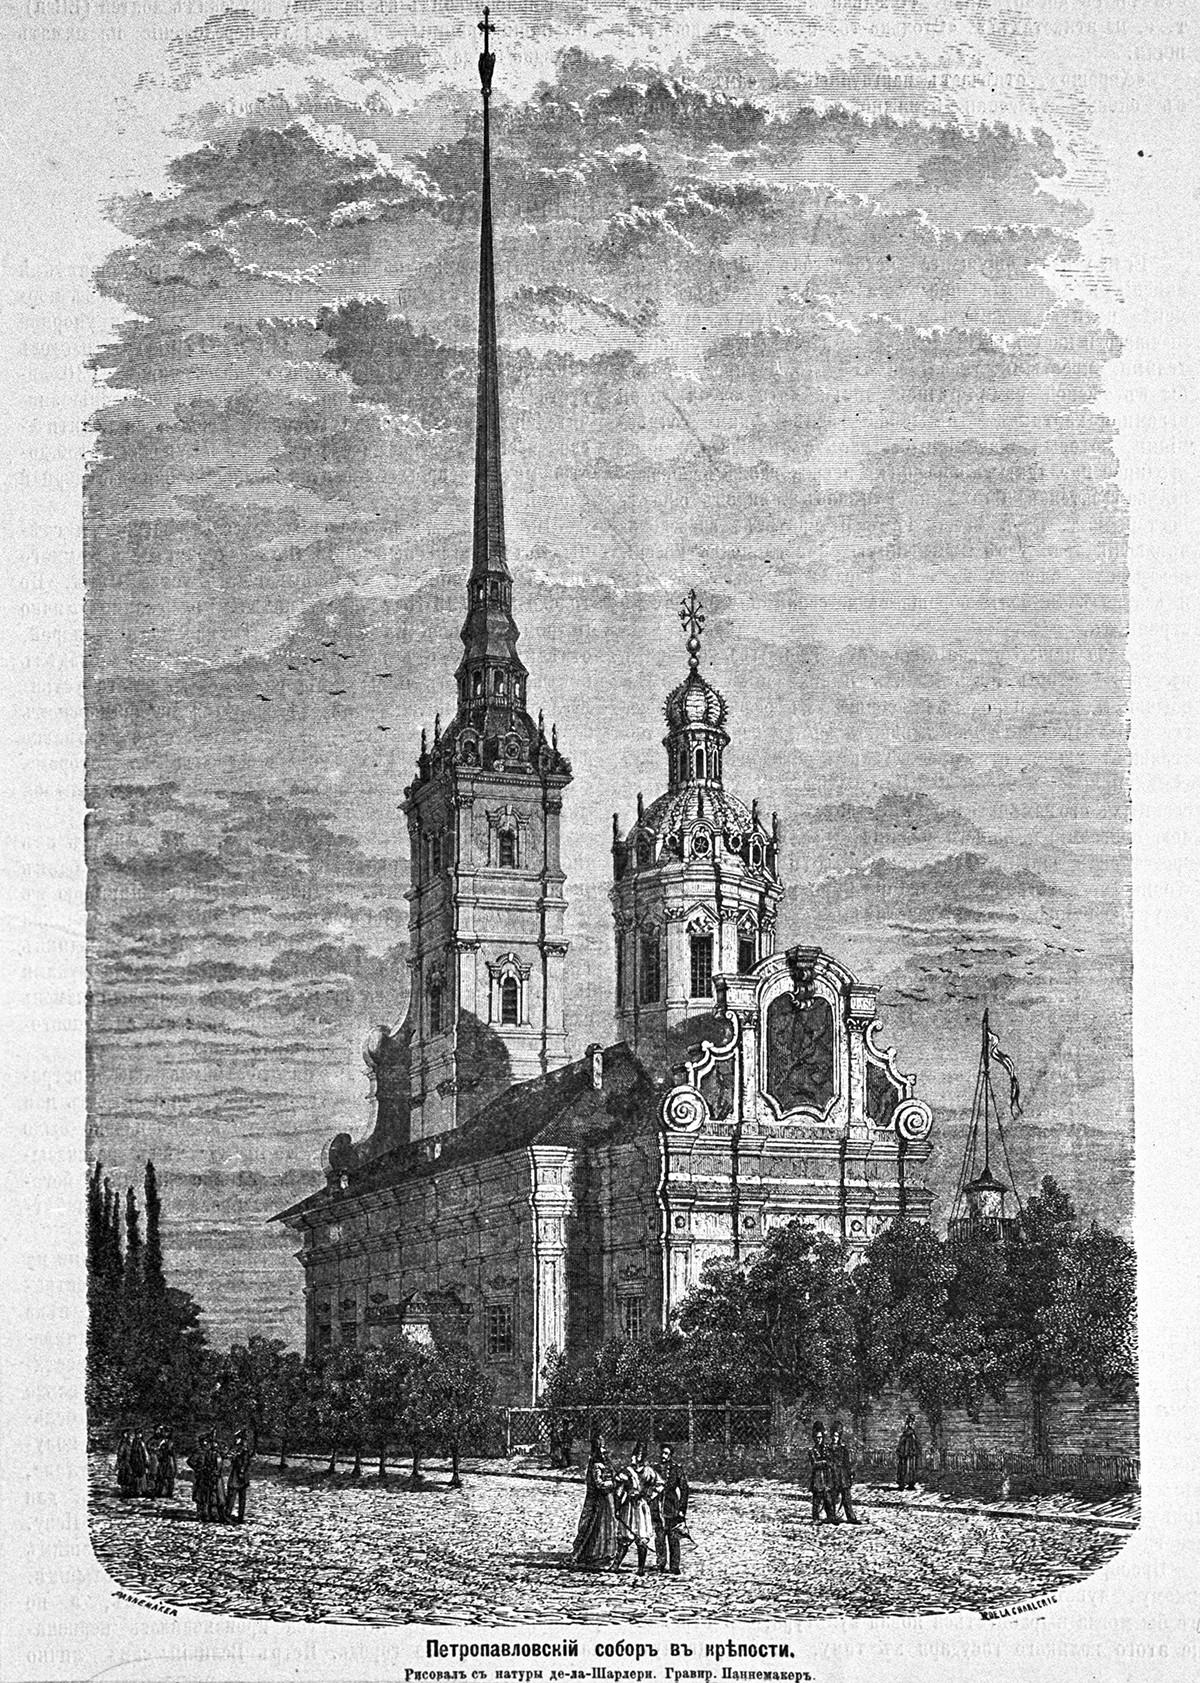 Die Peter-und-Paul-Kathedrale in der Peter-und-Paul-Festung, St. Petersburg. Nekropole der russischen Kaiser.